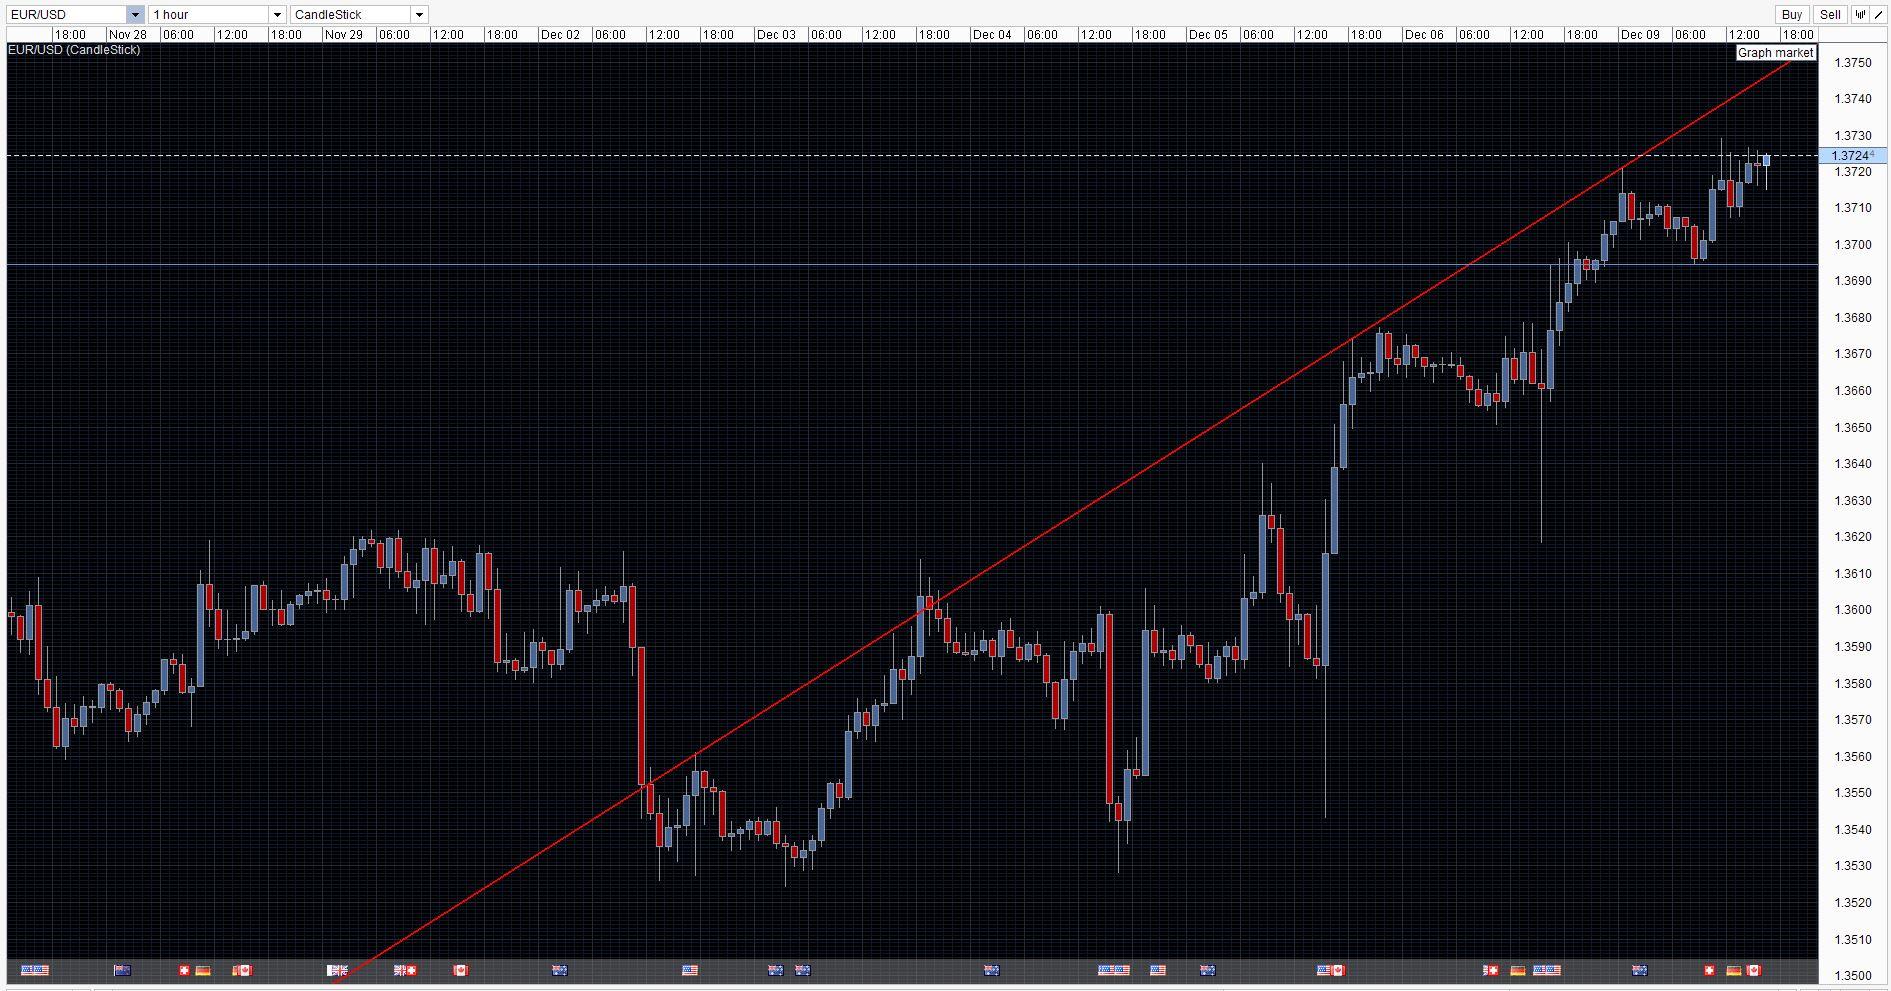 EUR/USD chart 09 Dec 2013